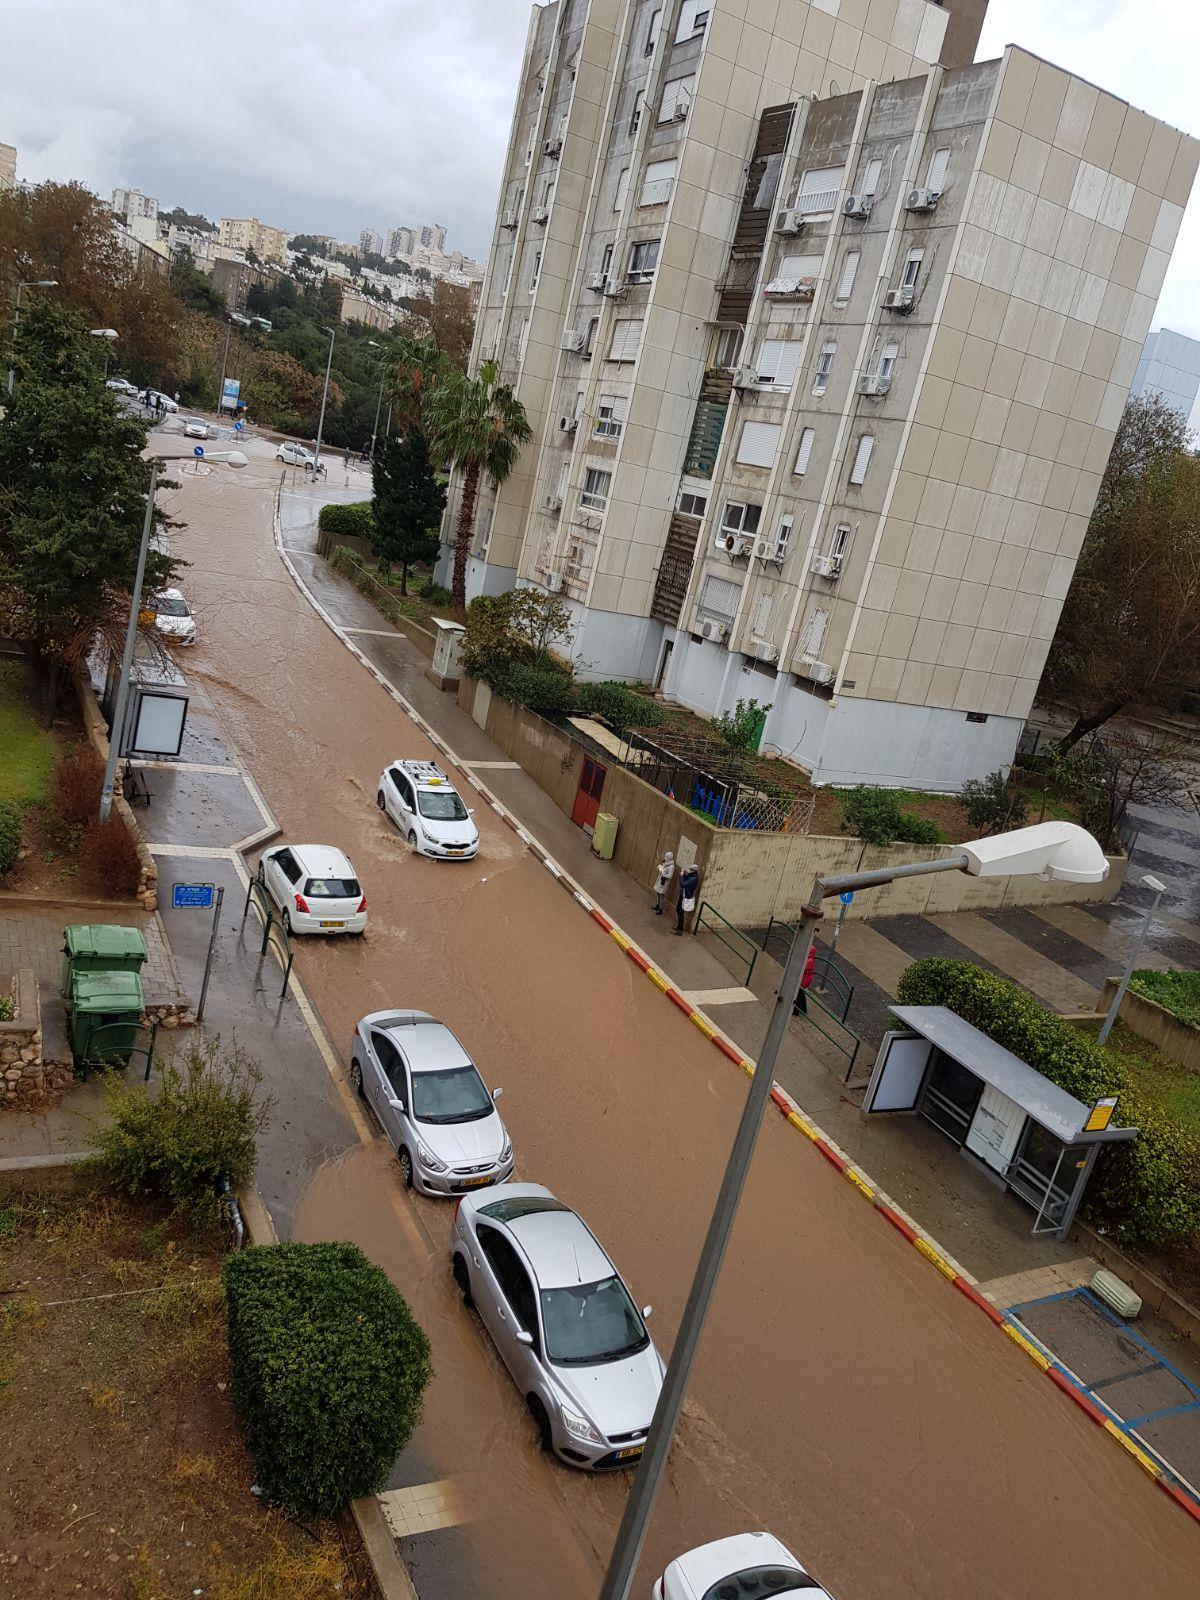 רחוב מוצף בשער העליה - מבט מלמעלה (צילום: דוד דומב)